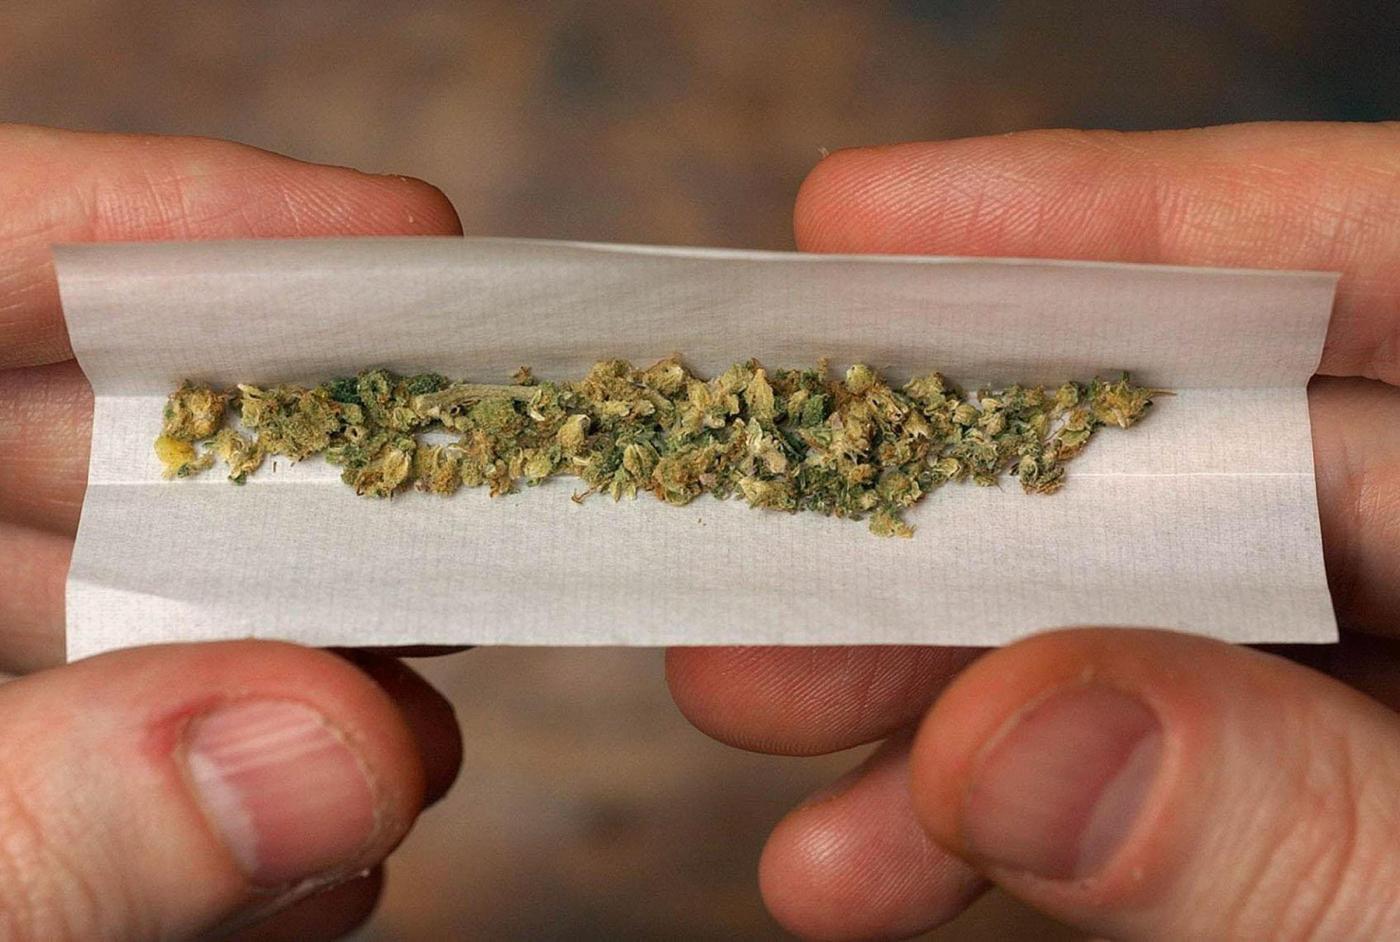 Legalizzazione della marijuana in Italia: i pro e i contro